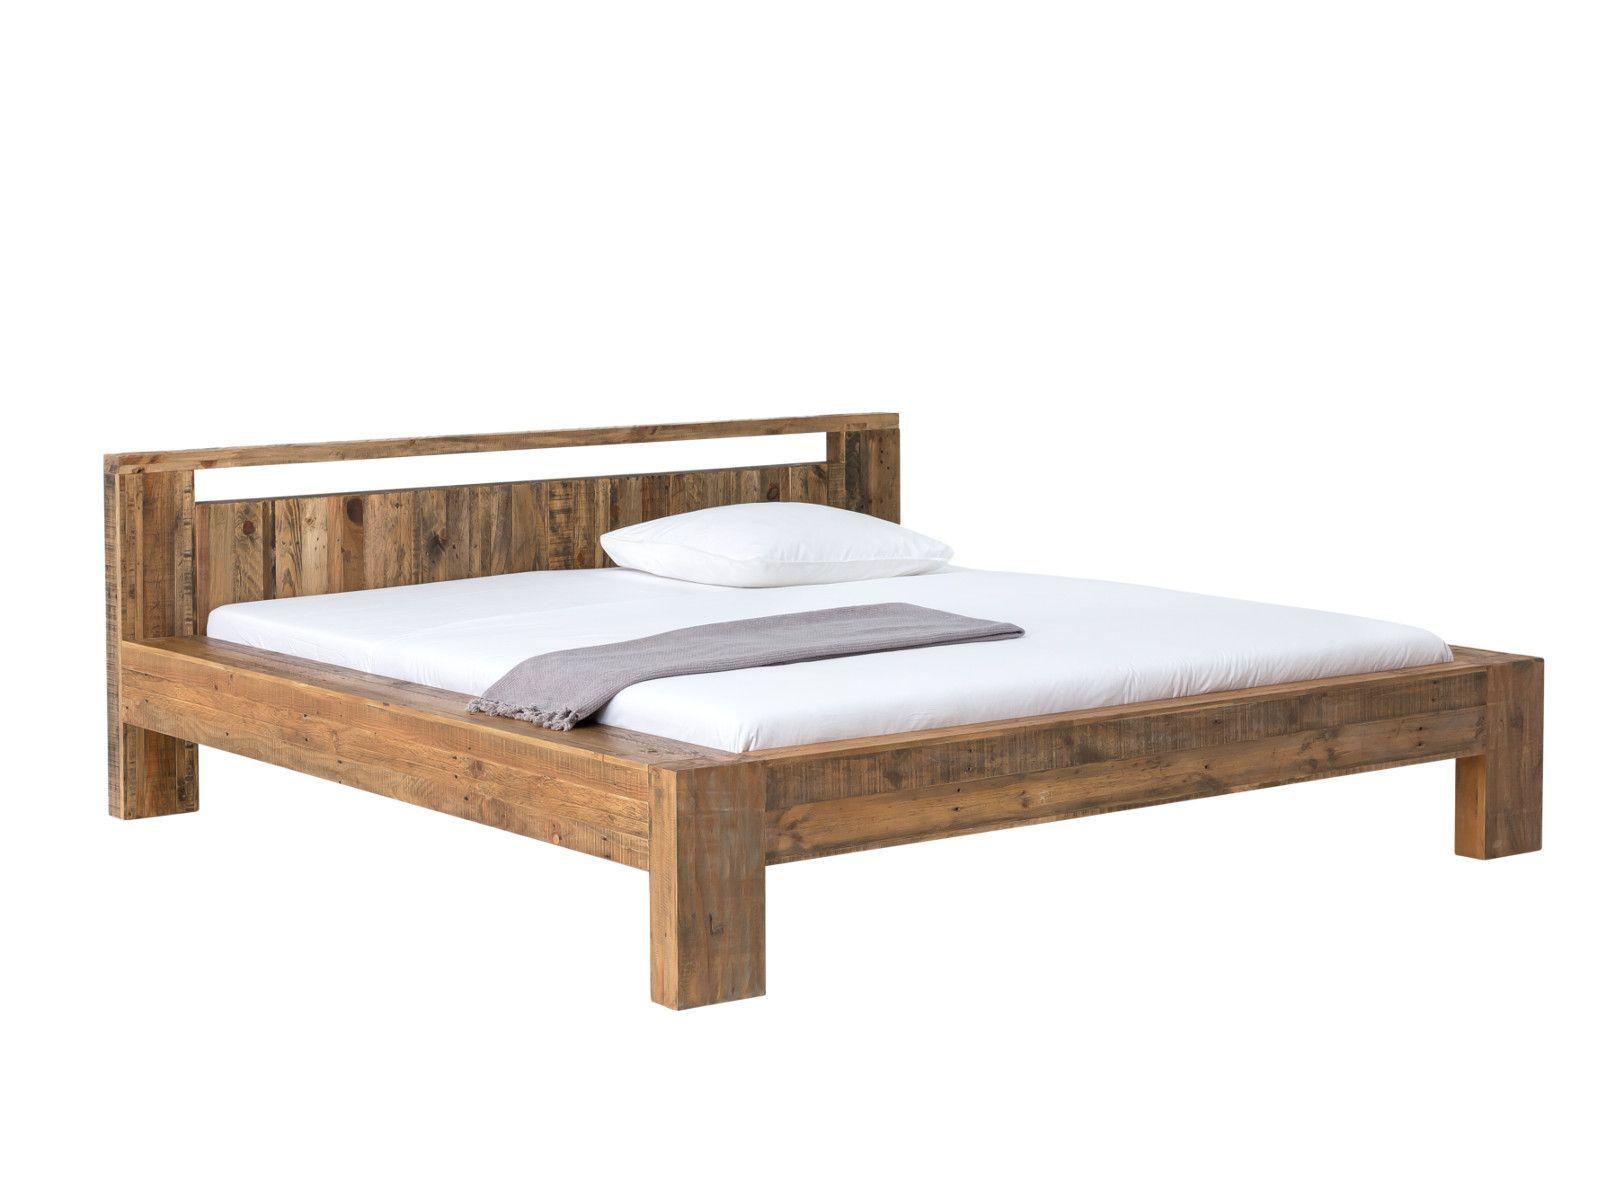 Full Size of Bett Niedrig Schlafzimmer Balkenbett Einrichten Holzbetten Woodkings Eiche Massiv 180x200 Betten 140x200 Weiß Ohne Kopfteil überlänge 220 X 200 Runde Box Bett Bett Niedrig